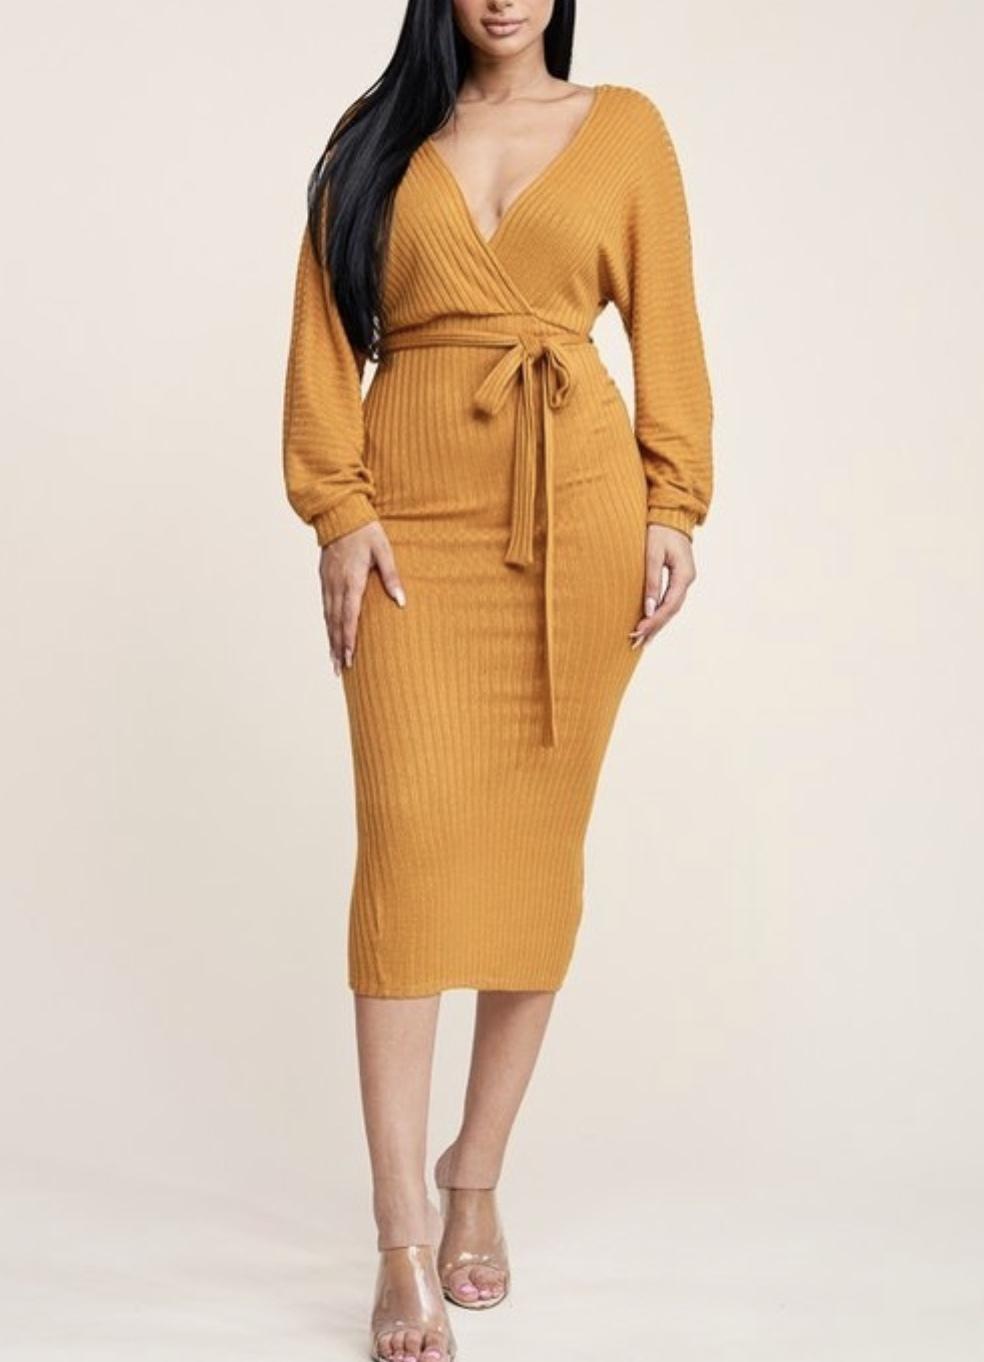 Lauren Ribbed Dress UPDR824-LAUREN